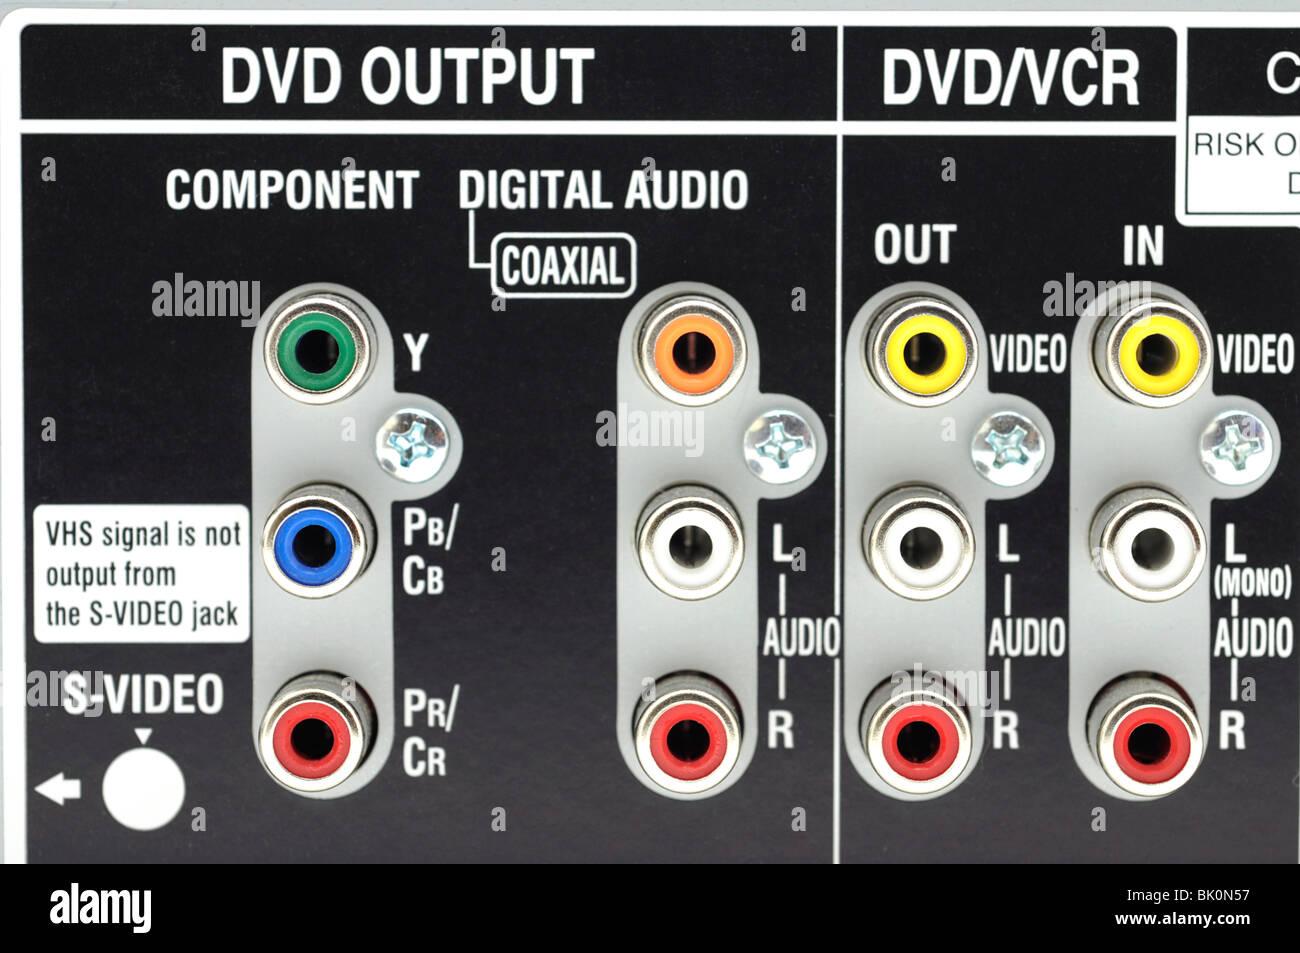 Rückwand auf DVD/VCR Combo - Eingänge und Ausgänge Stockbild